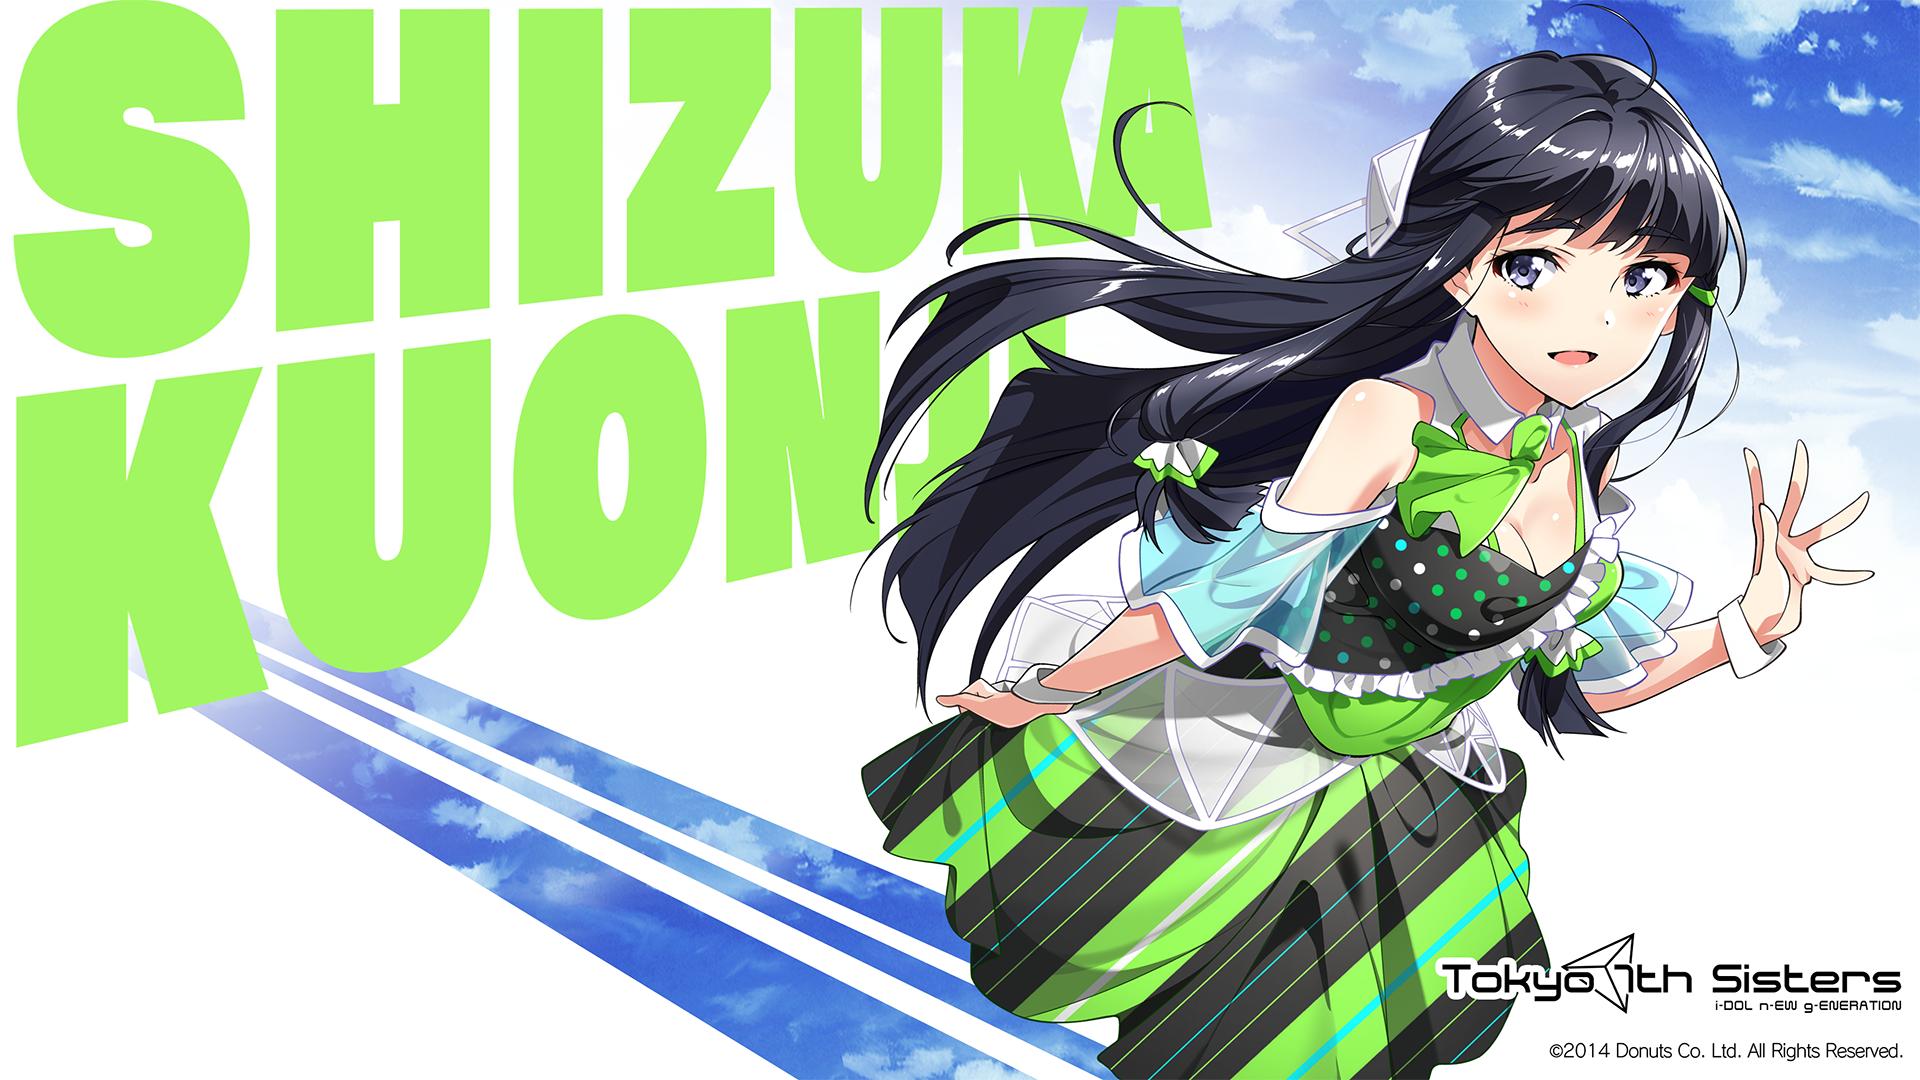 デスクトップ壁紙 アイドル アニメの女の子 1920x1080 Ltsubzero